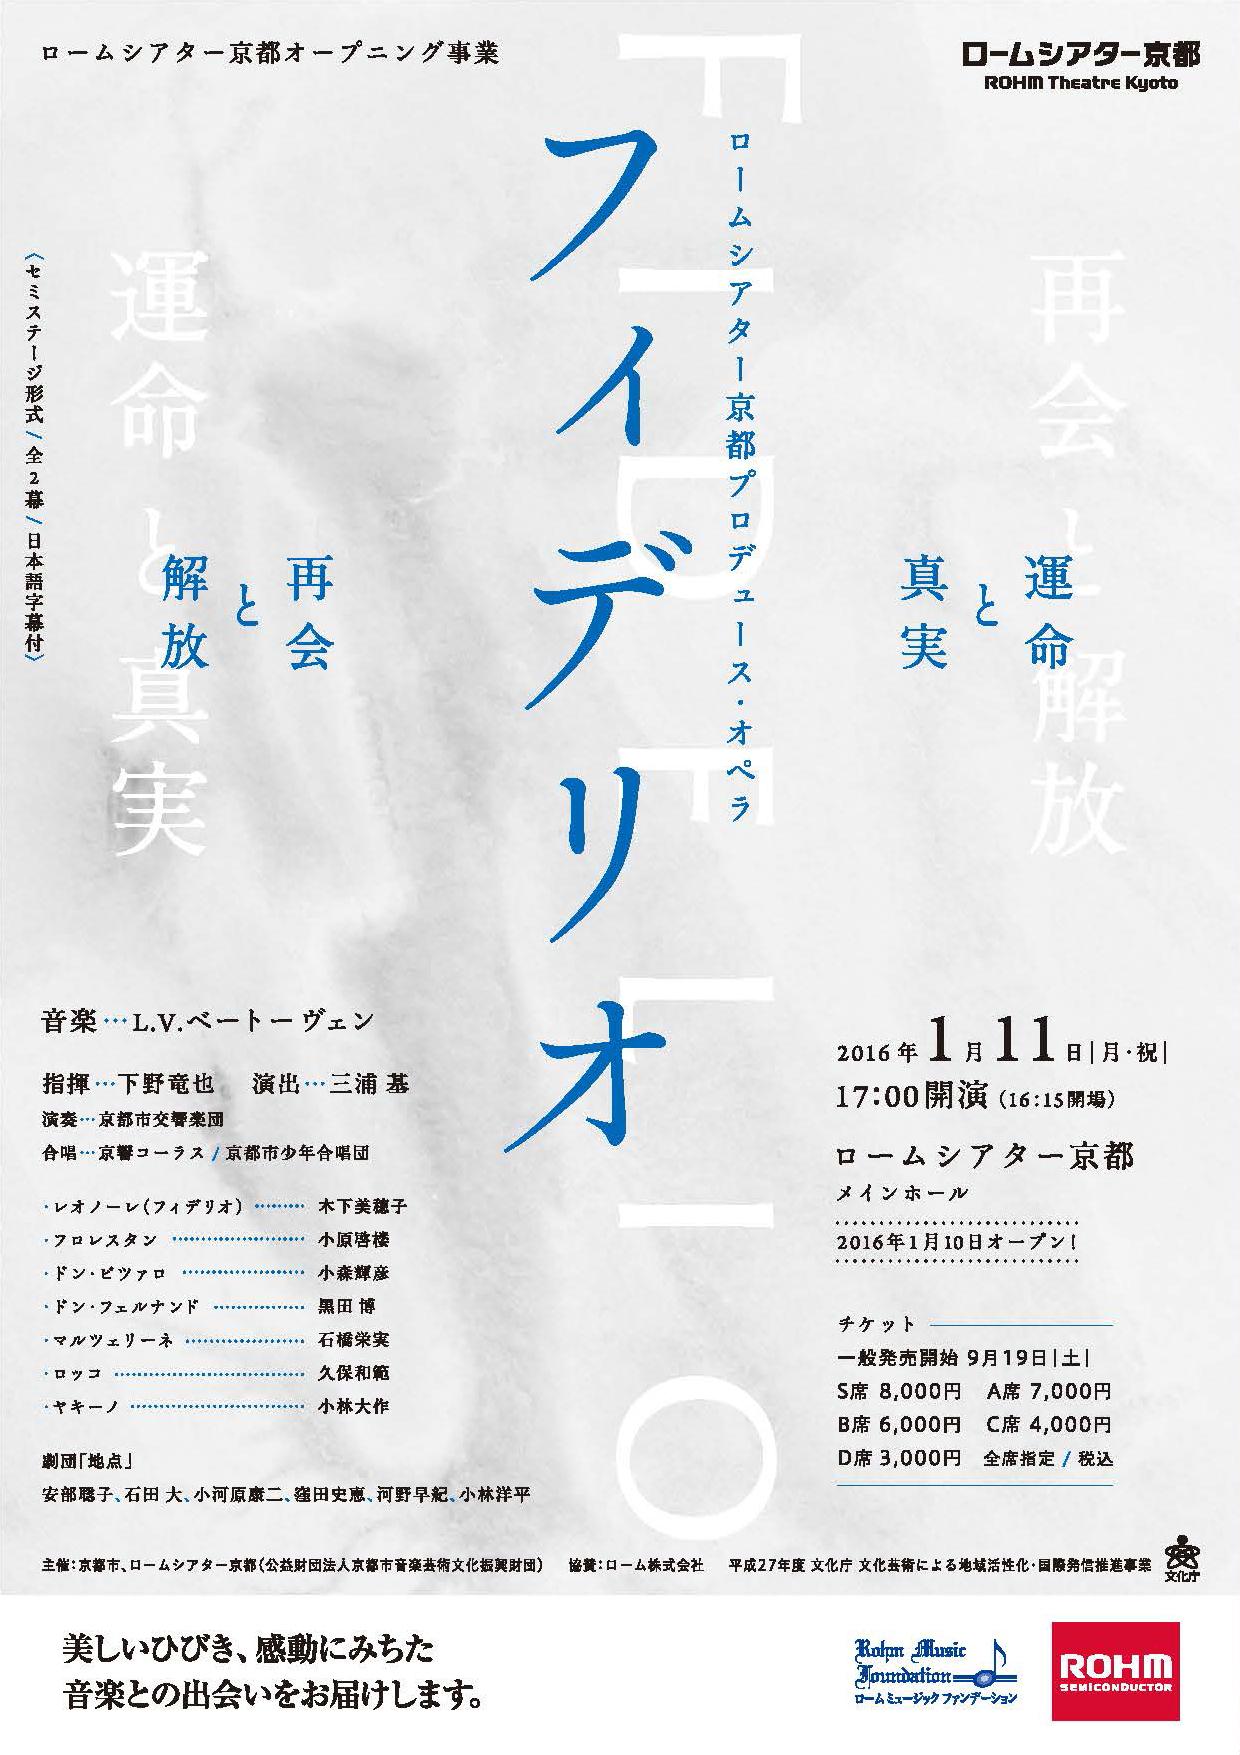 ロームシアター京都プロデュース・オペラ『フィデリオ』、明日上演!